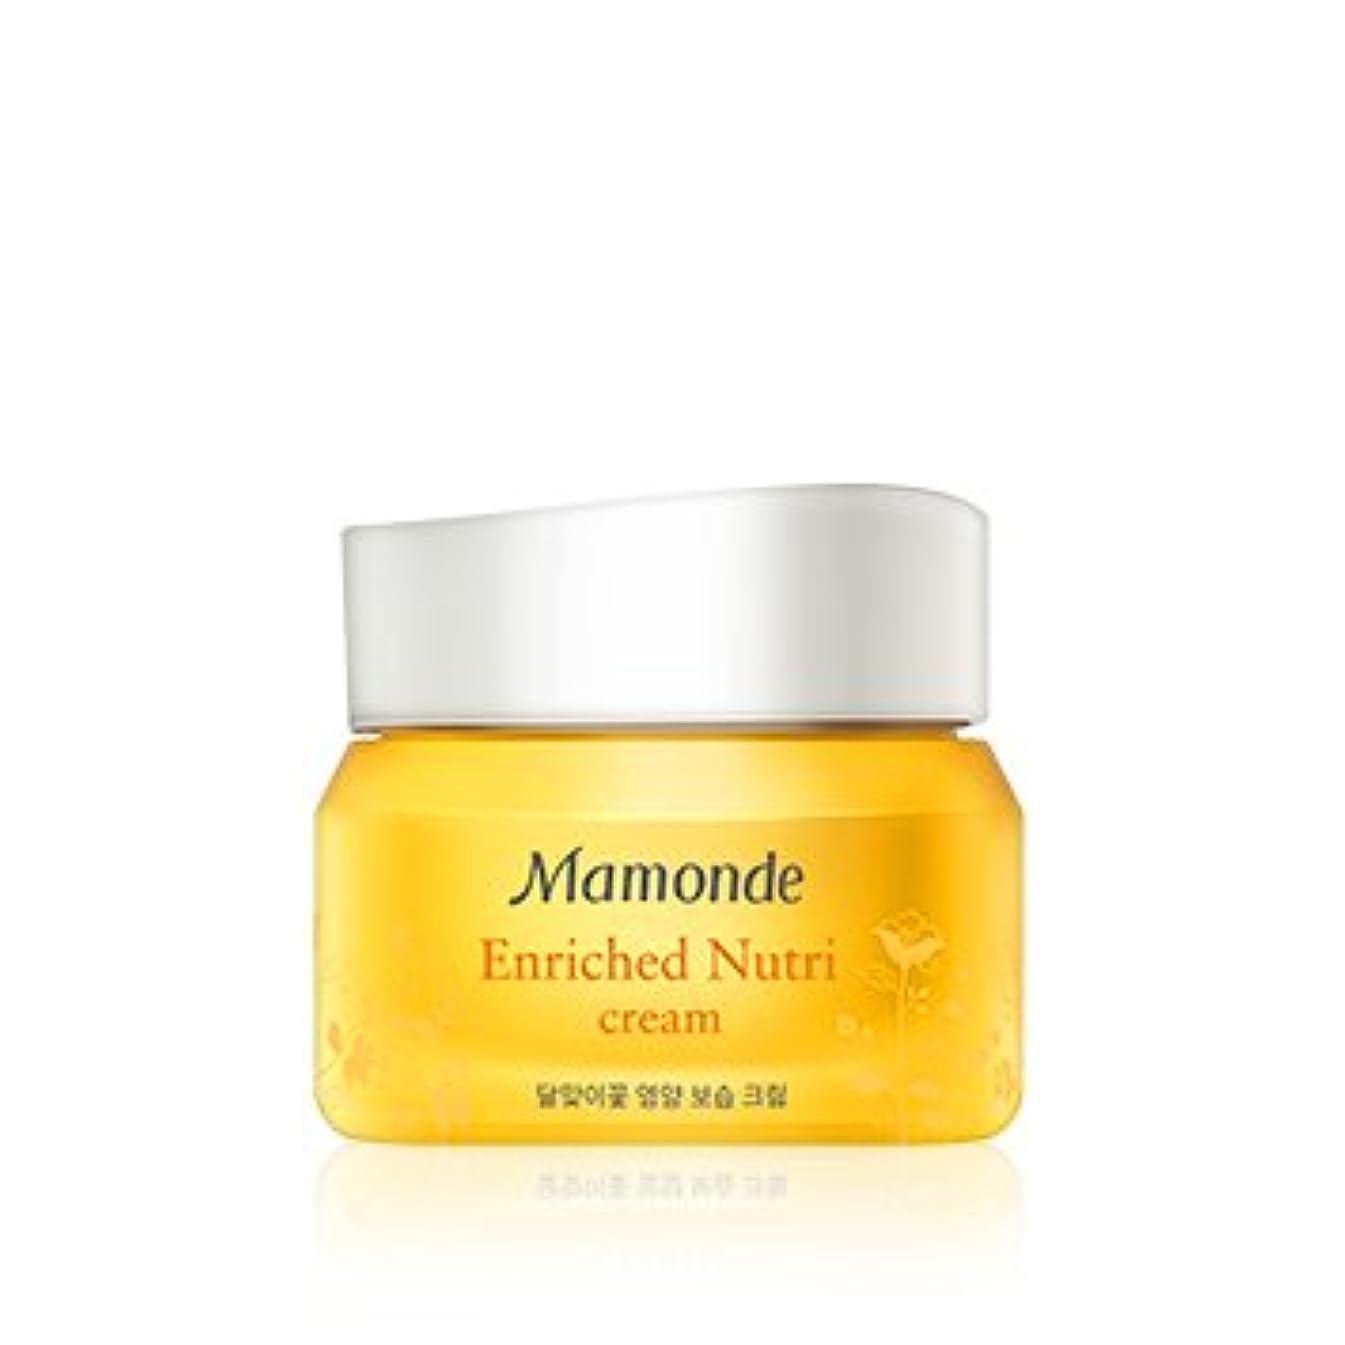 人聖域神[New] Mamonde Enriched Nutri Cream 50ml/マモンド エンリッチド ニュートリ クリーム 50ml [並行輸入品]